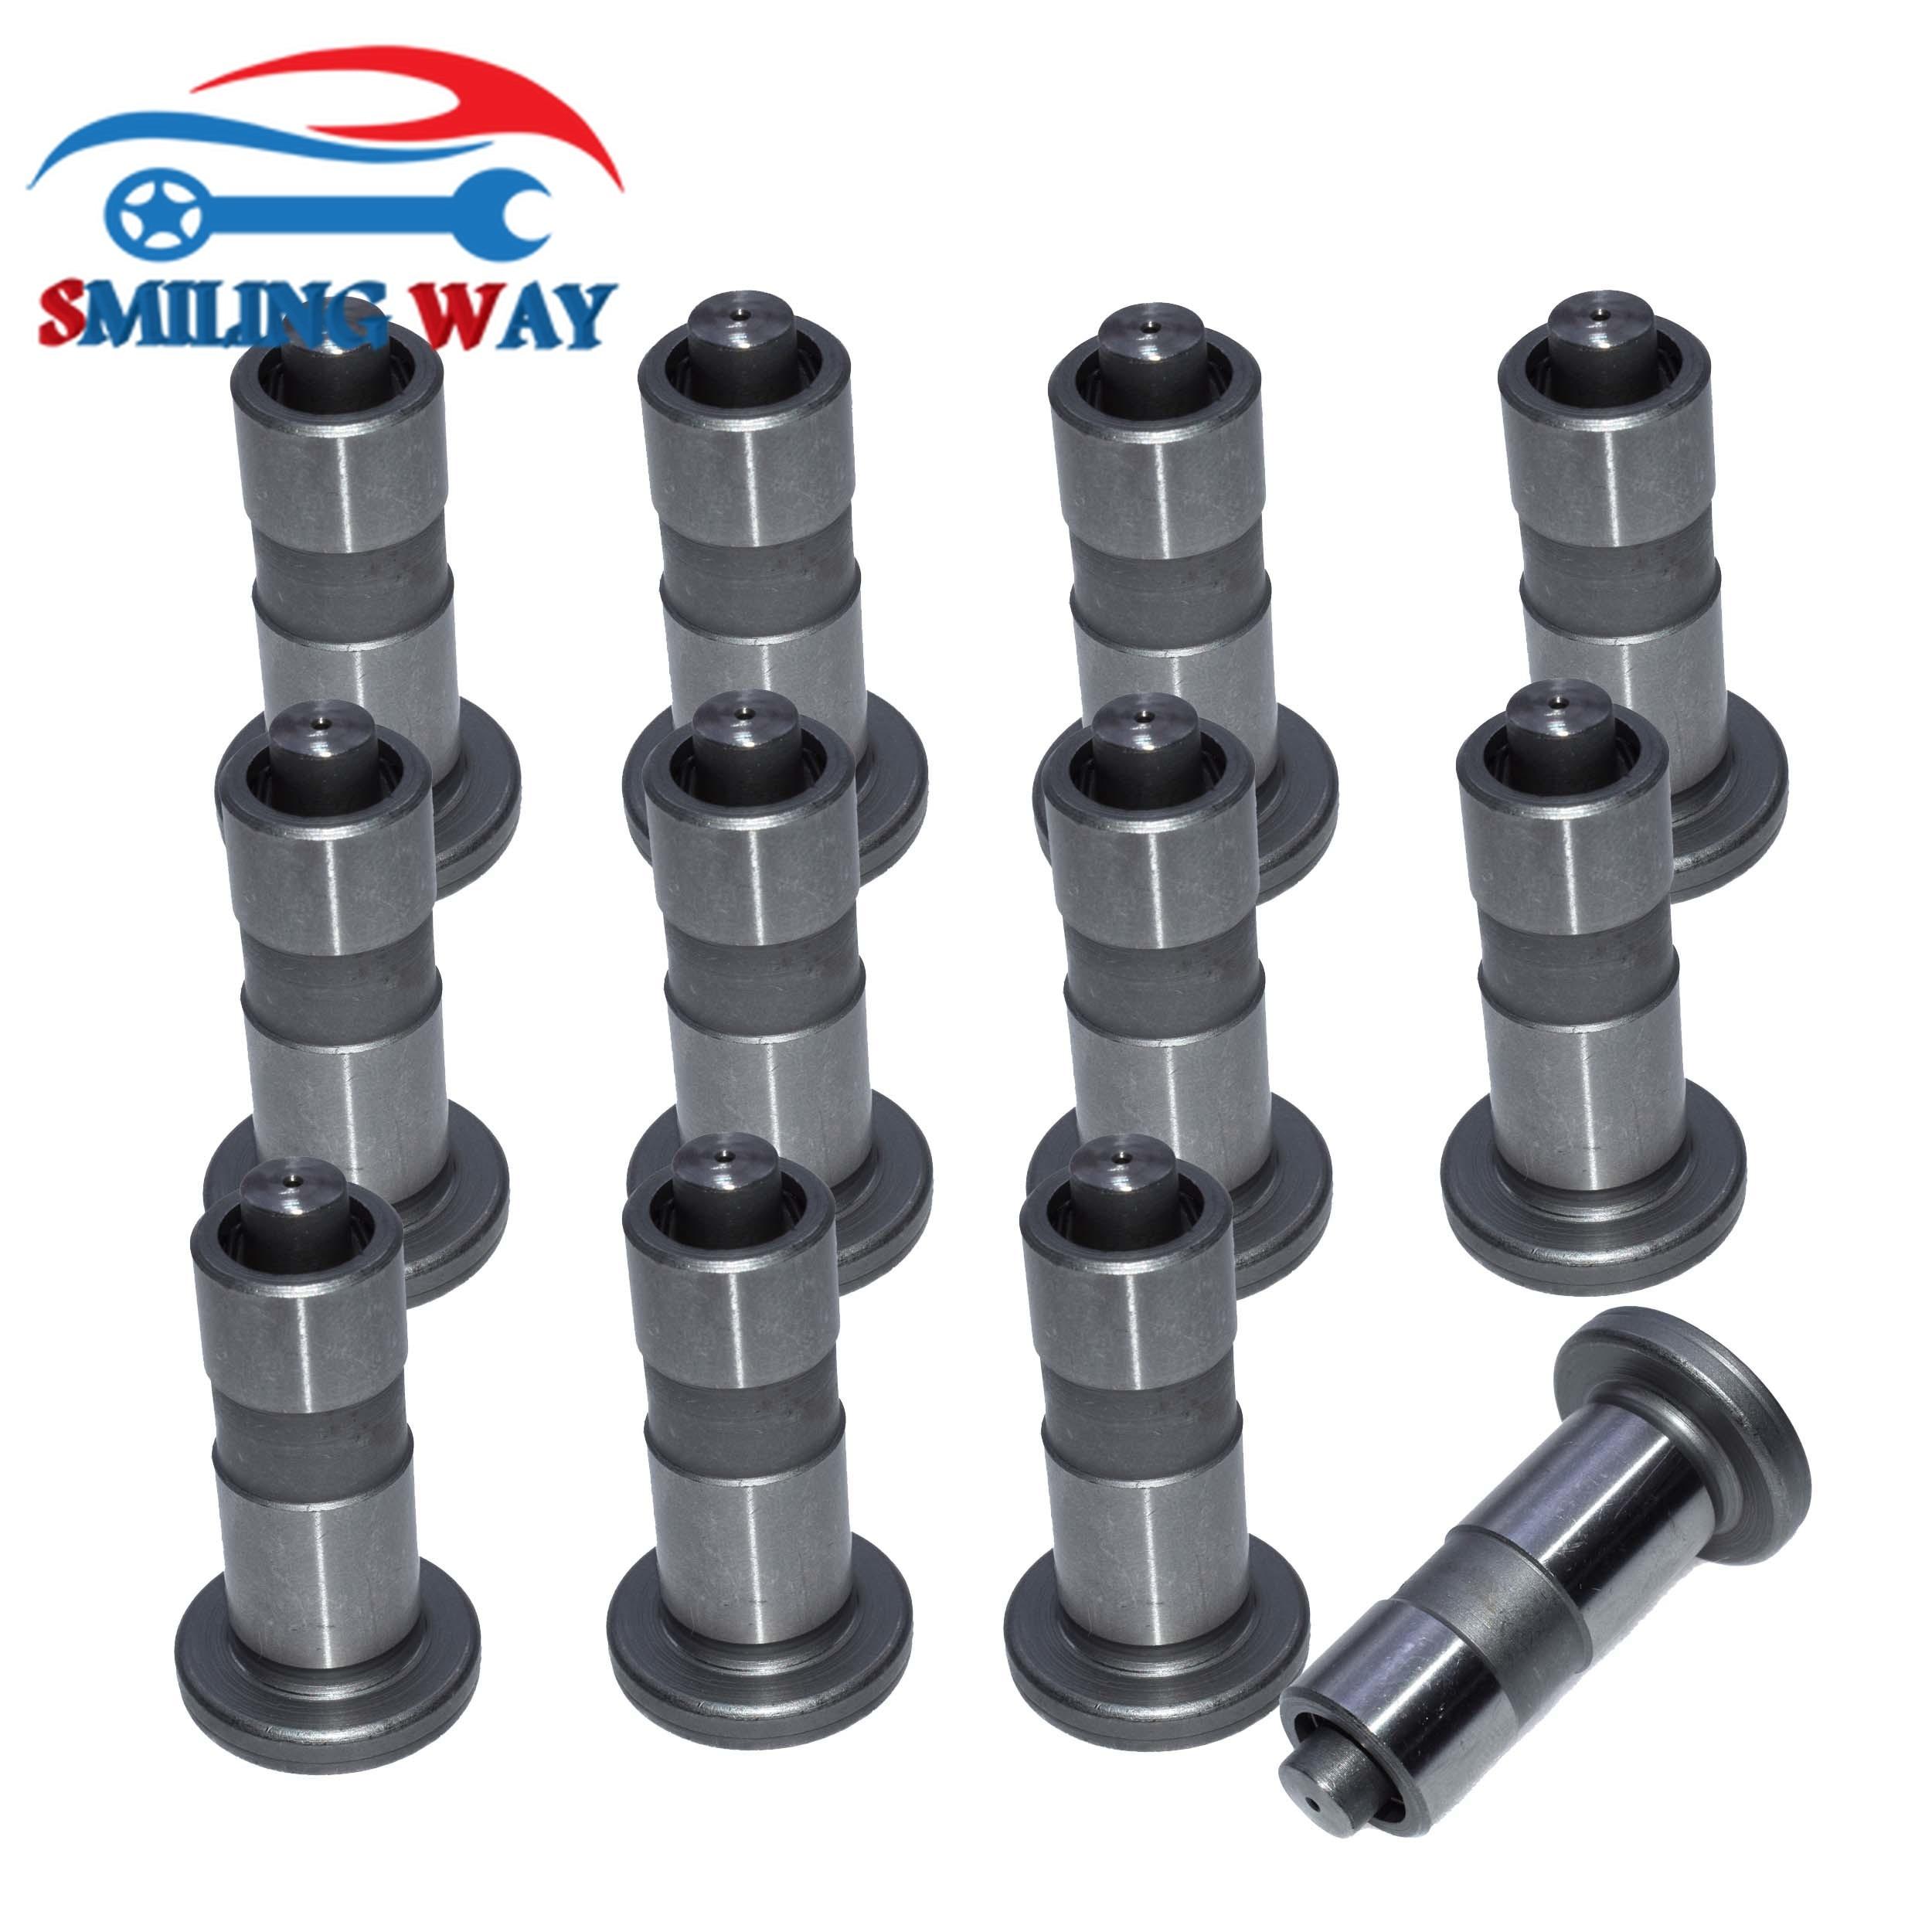 Tune Up Kit Plugs Cap Rotors Filters for Infiniti M30 V6; 3.0L 1990-1992